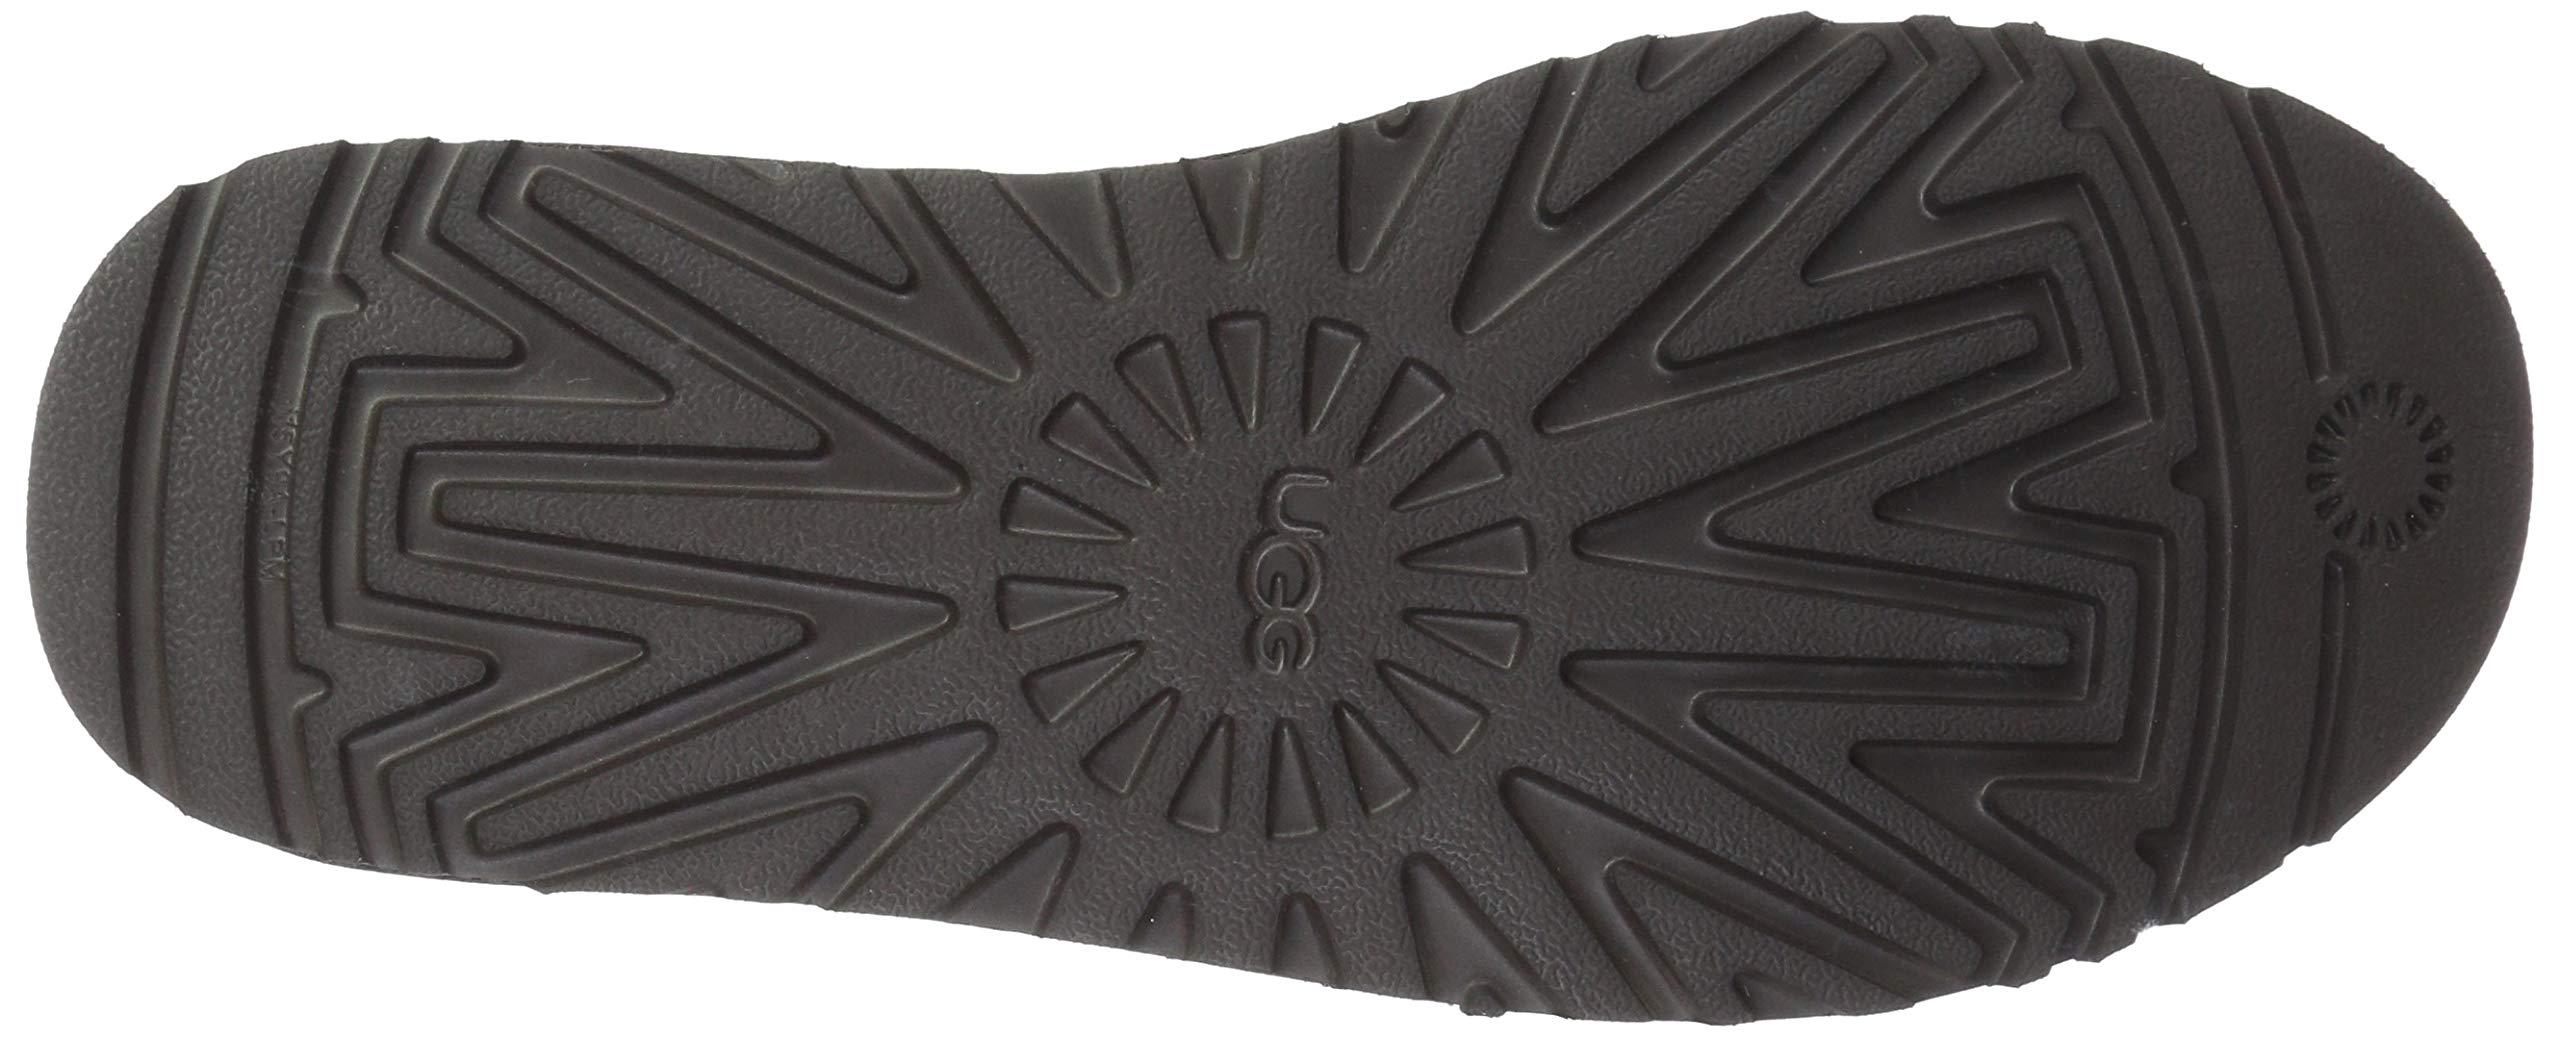 UGG Men's Kenton Slipper Chocolate 7 Medium US by UGG (Image #3)